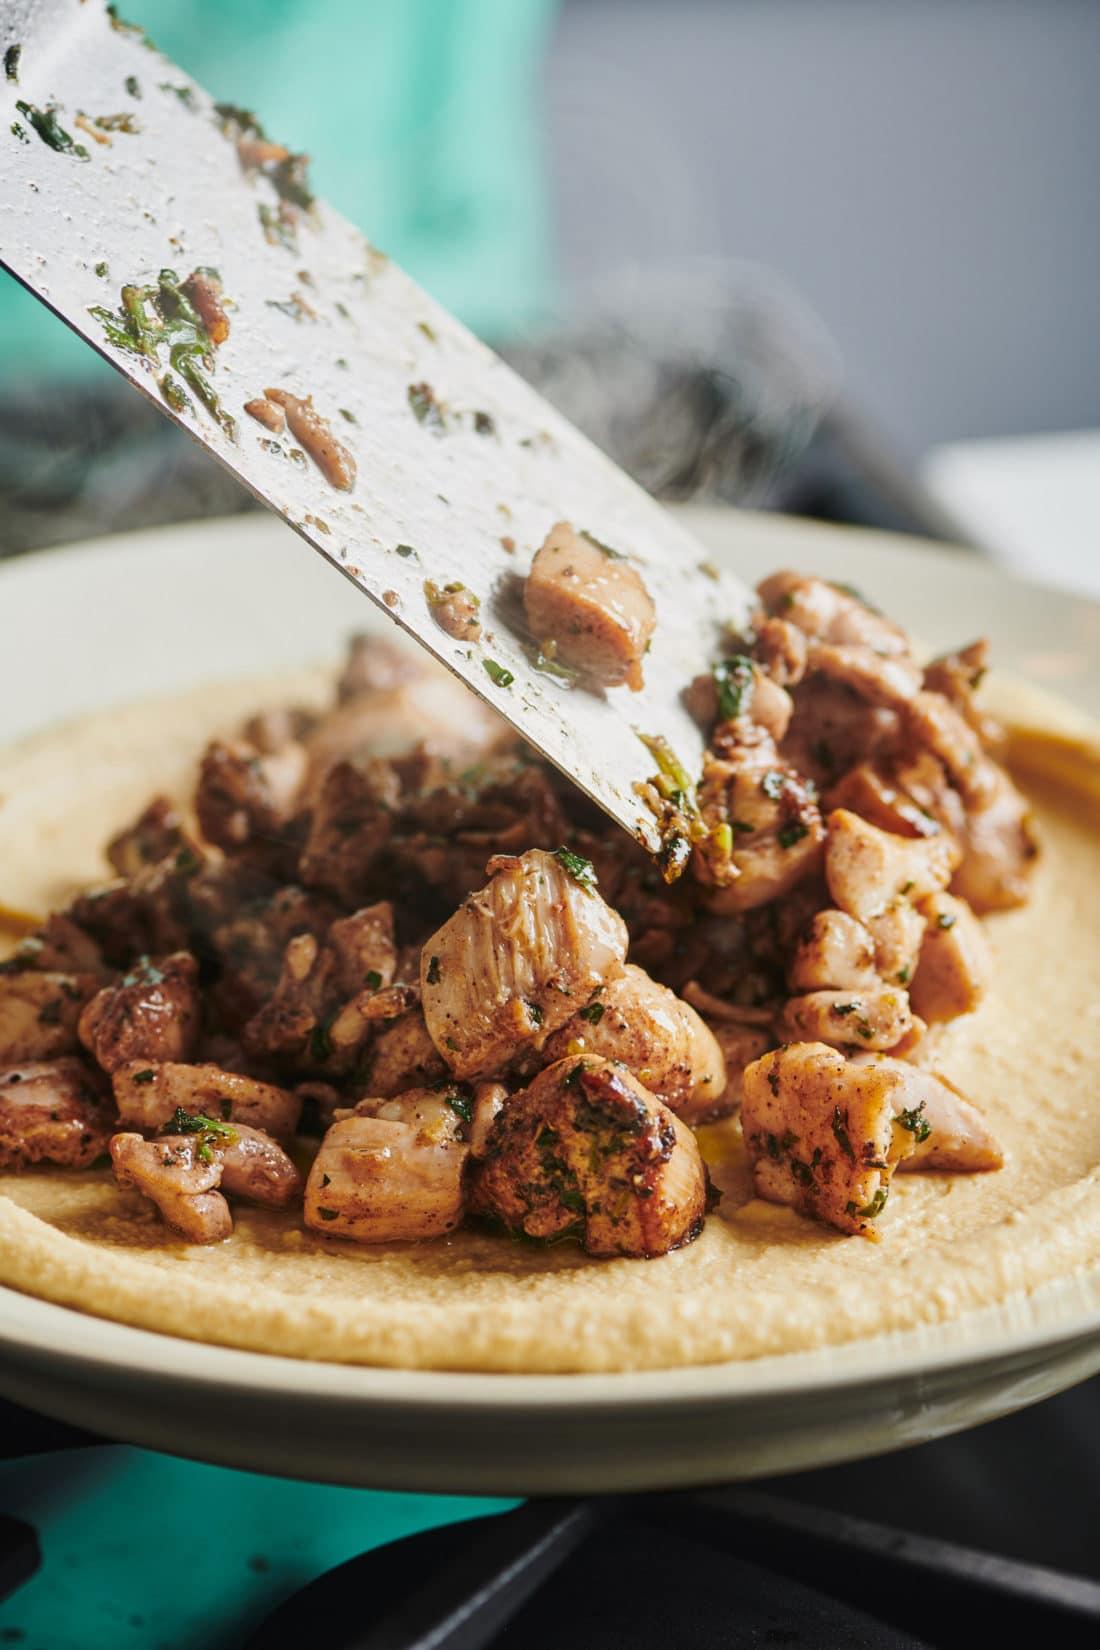 Chicken Kawarma with Lemon Sauce over Hummus